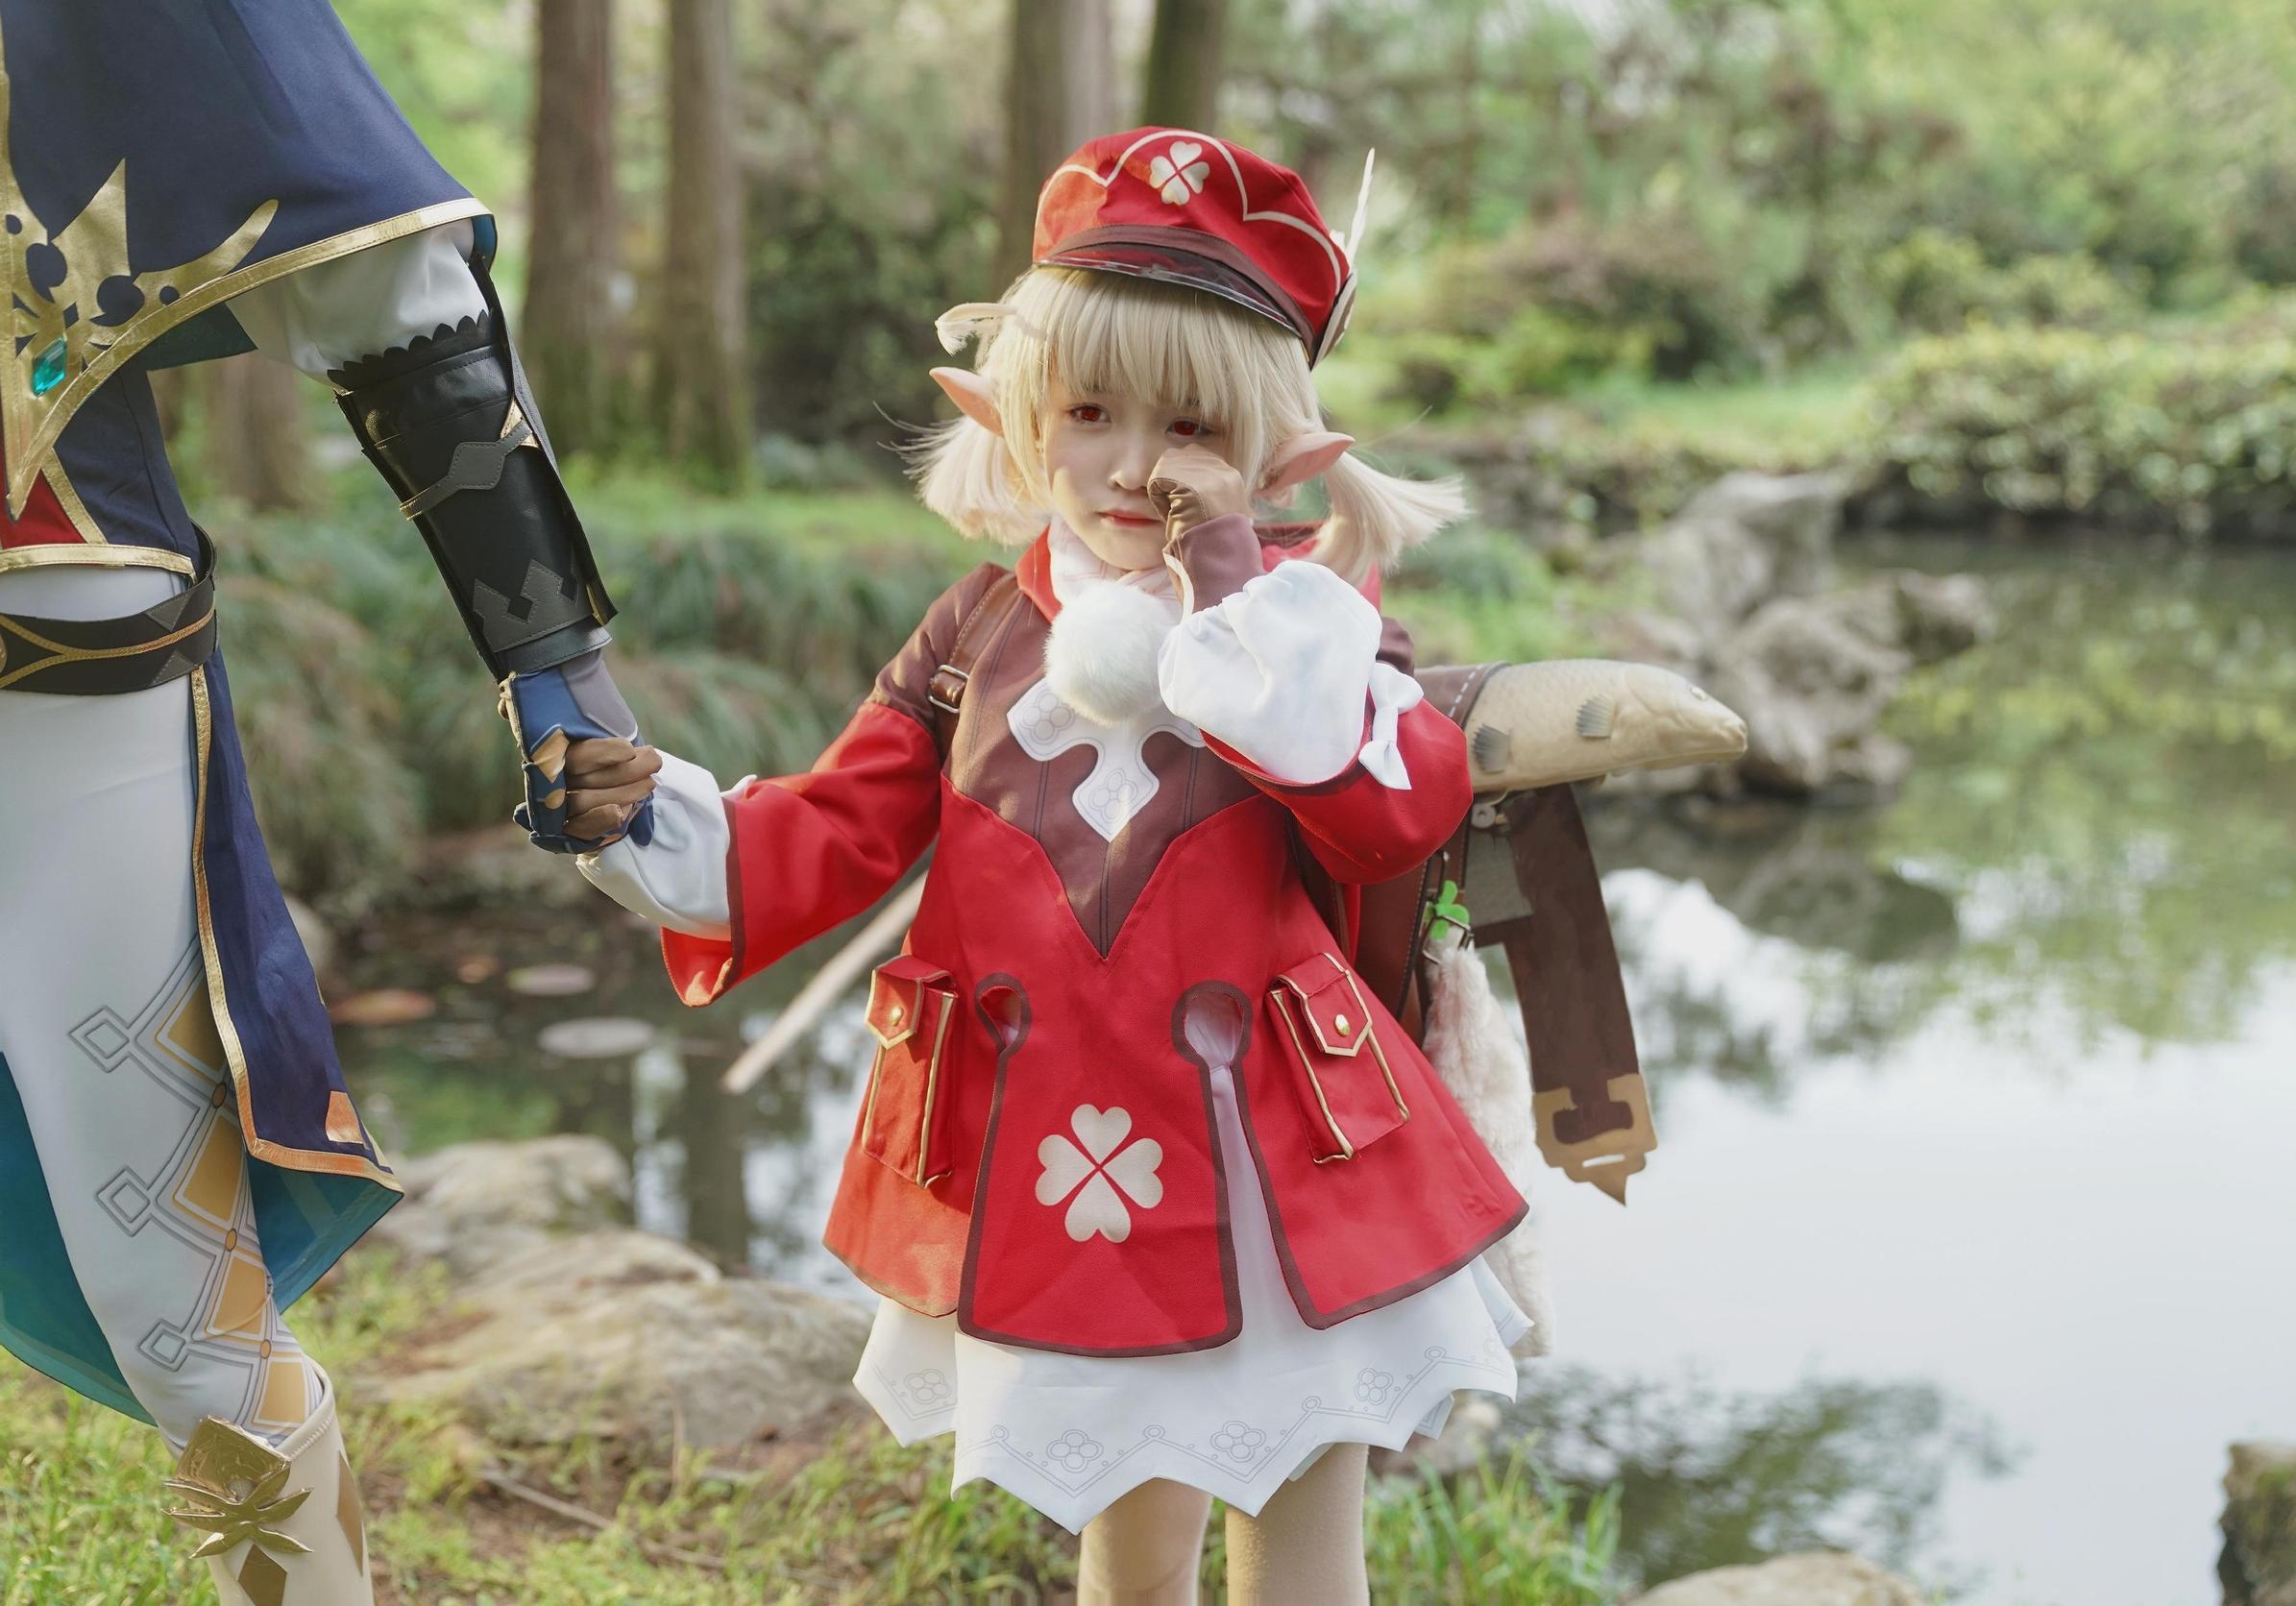 《原神》游戏cosplay【CN:小无邪和猪小糖】-第9张